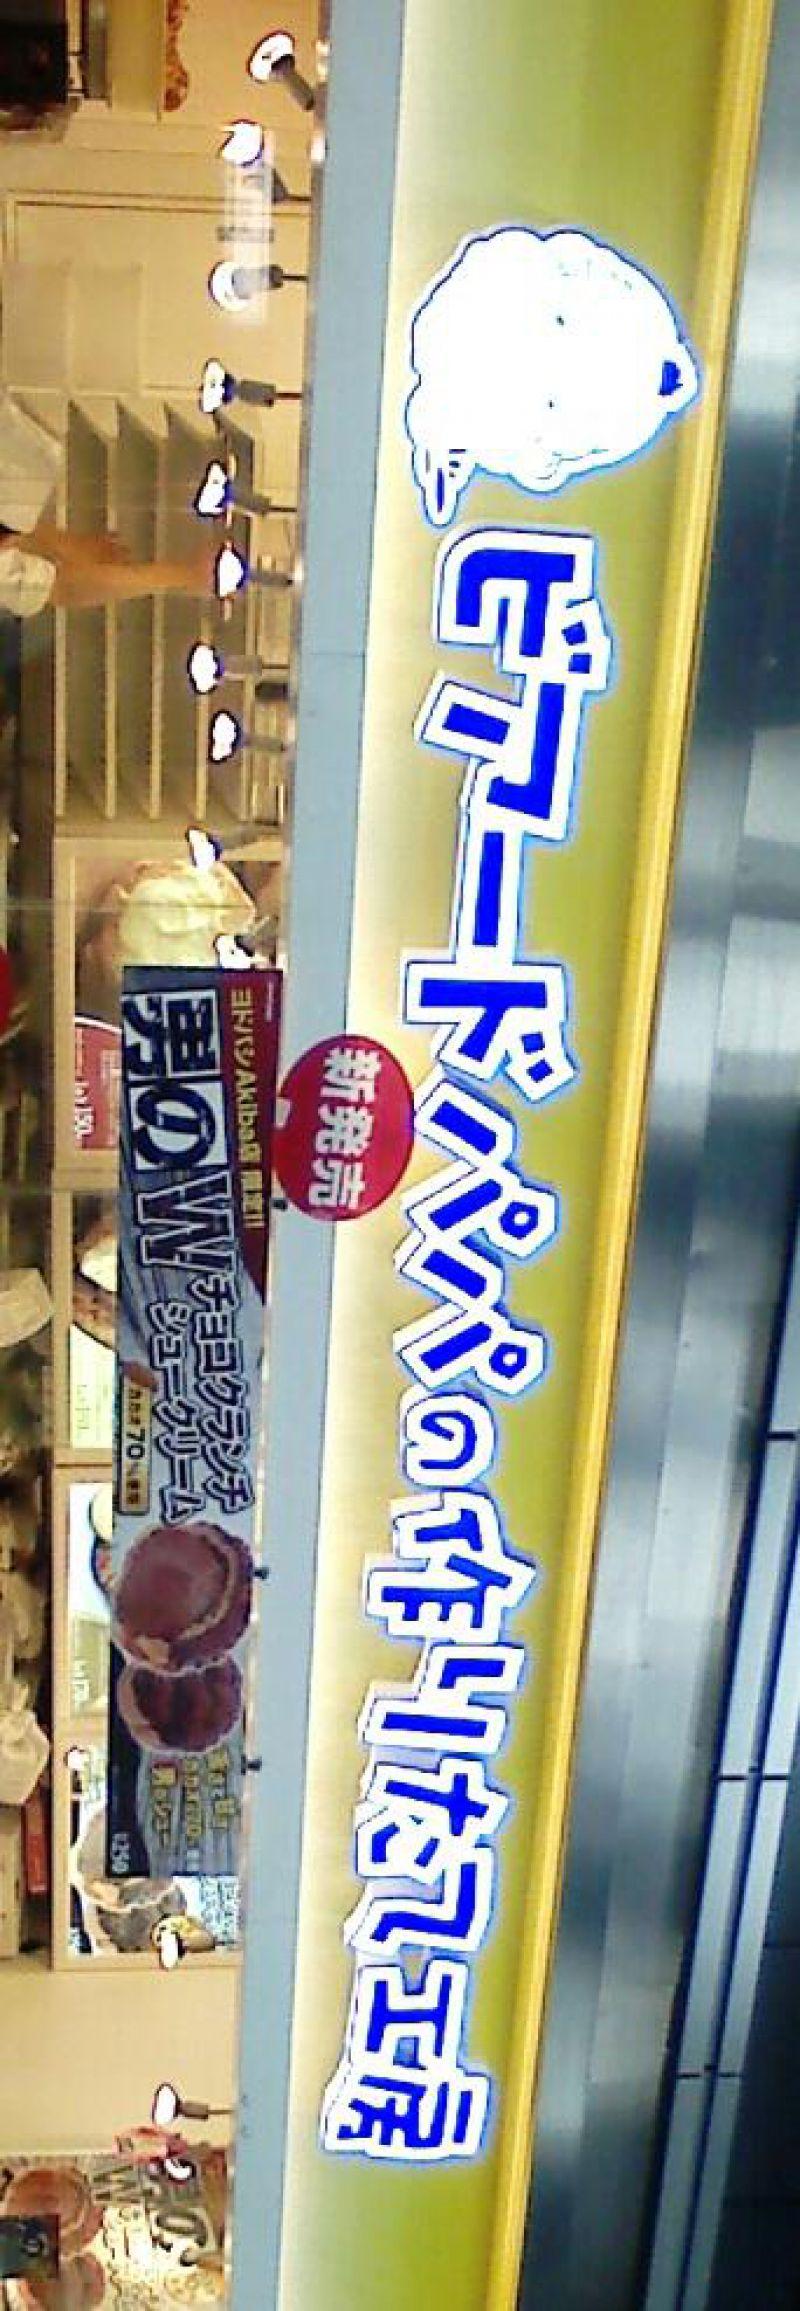 ビアード・パパ ヨドバシAKIBA店